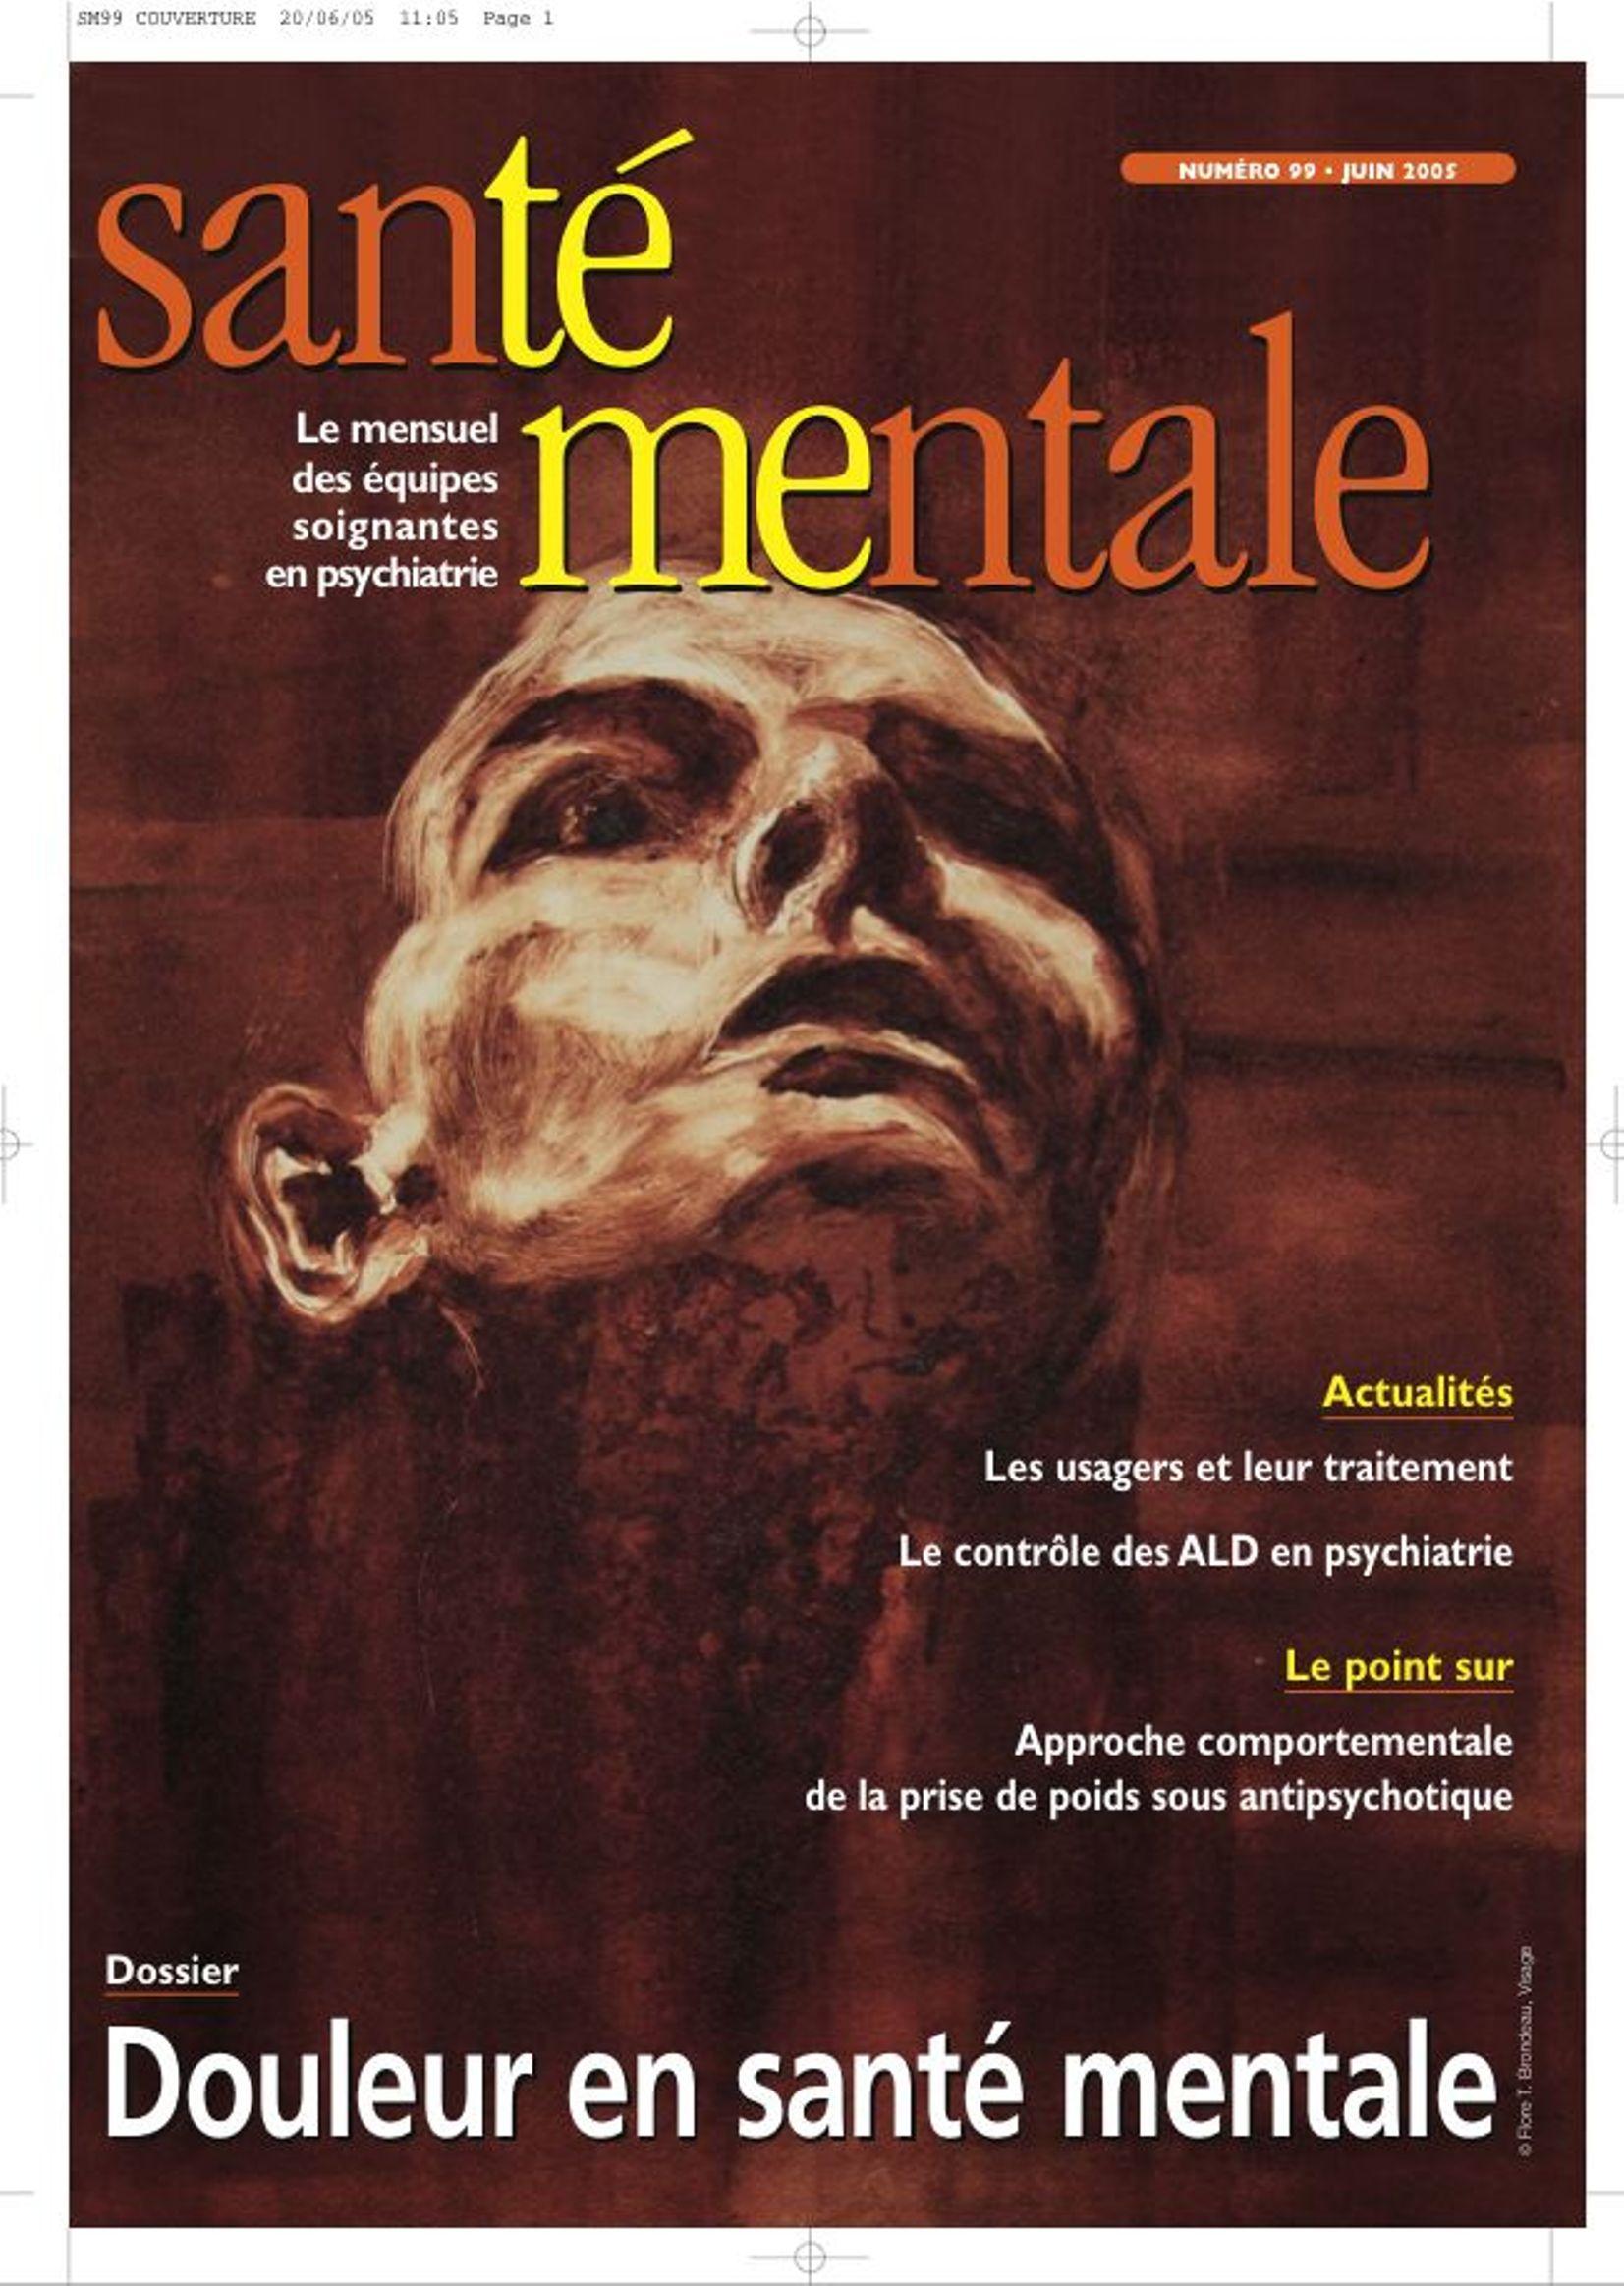 N° 99 - Juin 2005